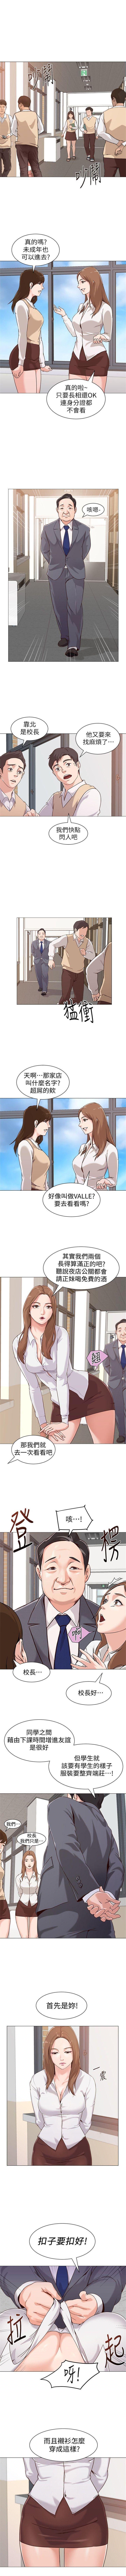 老師 1-80 官方中文(連載中) 14